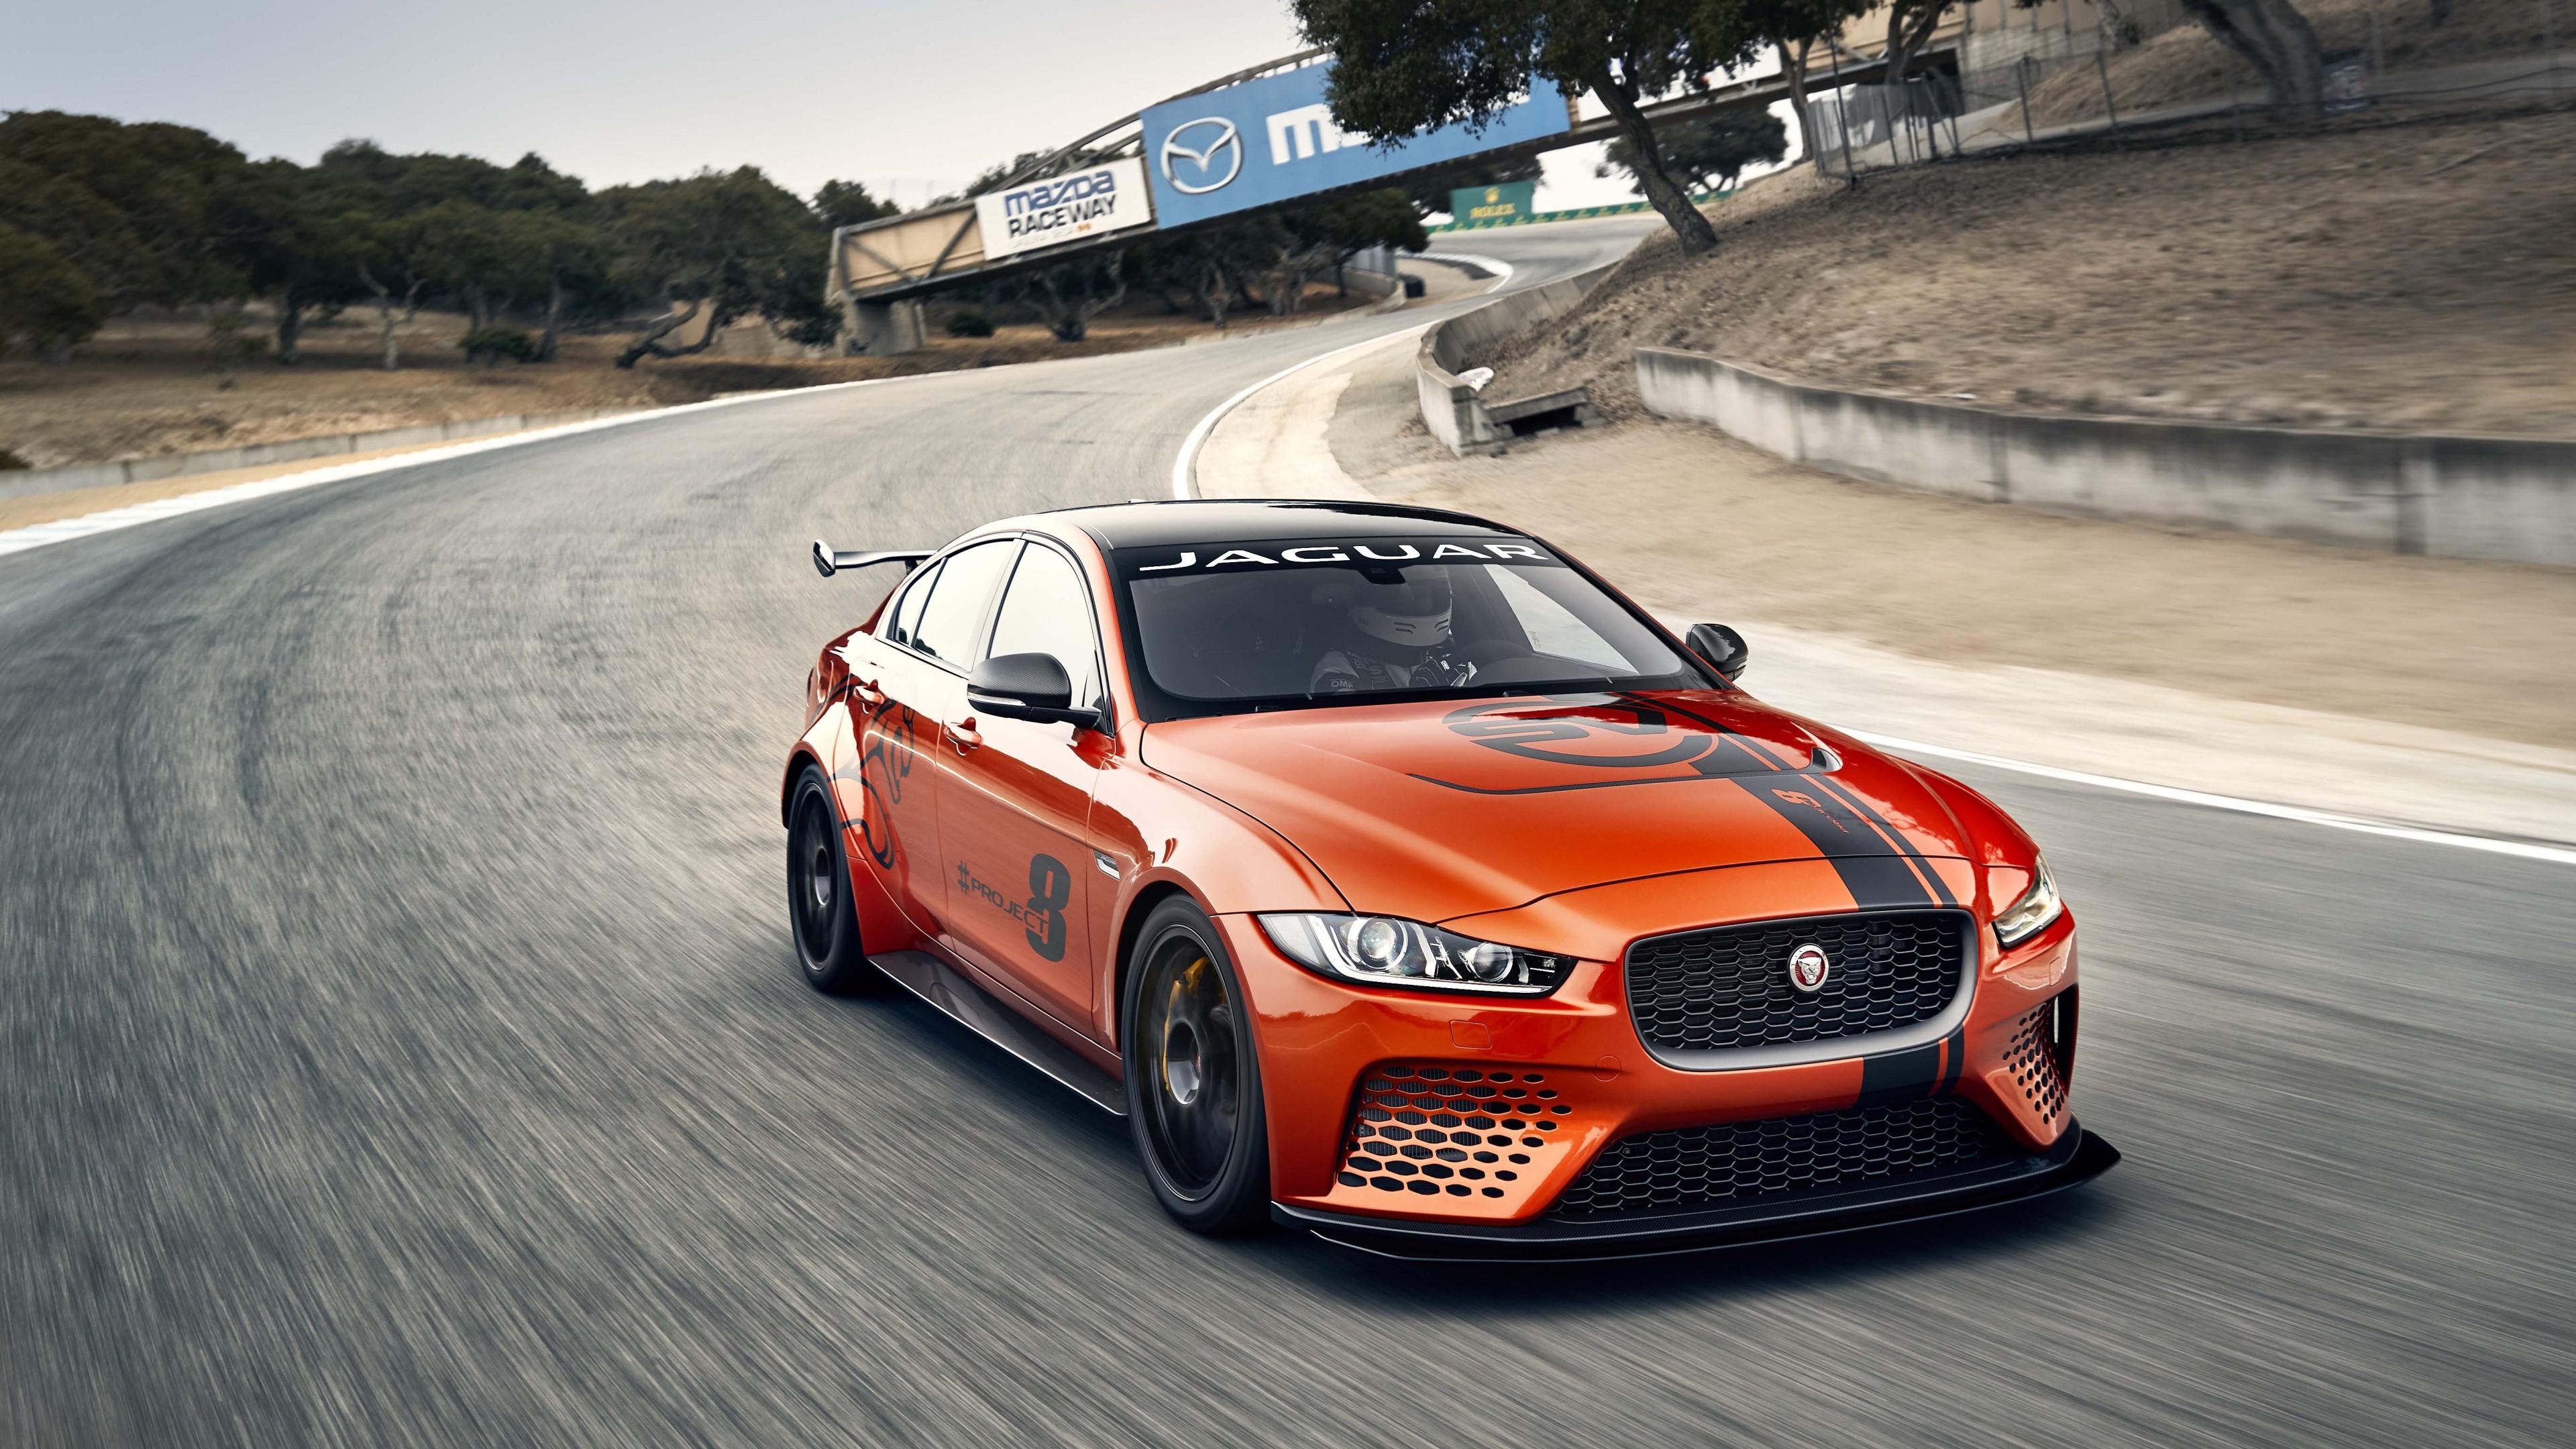 Aston Martin Vantage >> Wallpaper Jaguar XE SV Project 8, 2018 Cars, 5k, Cars ...